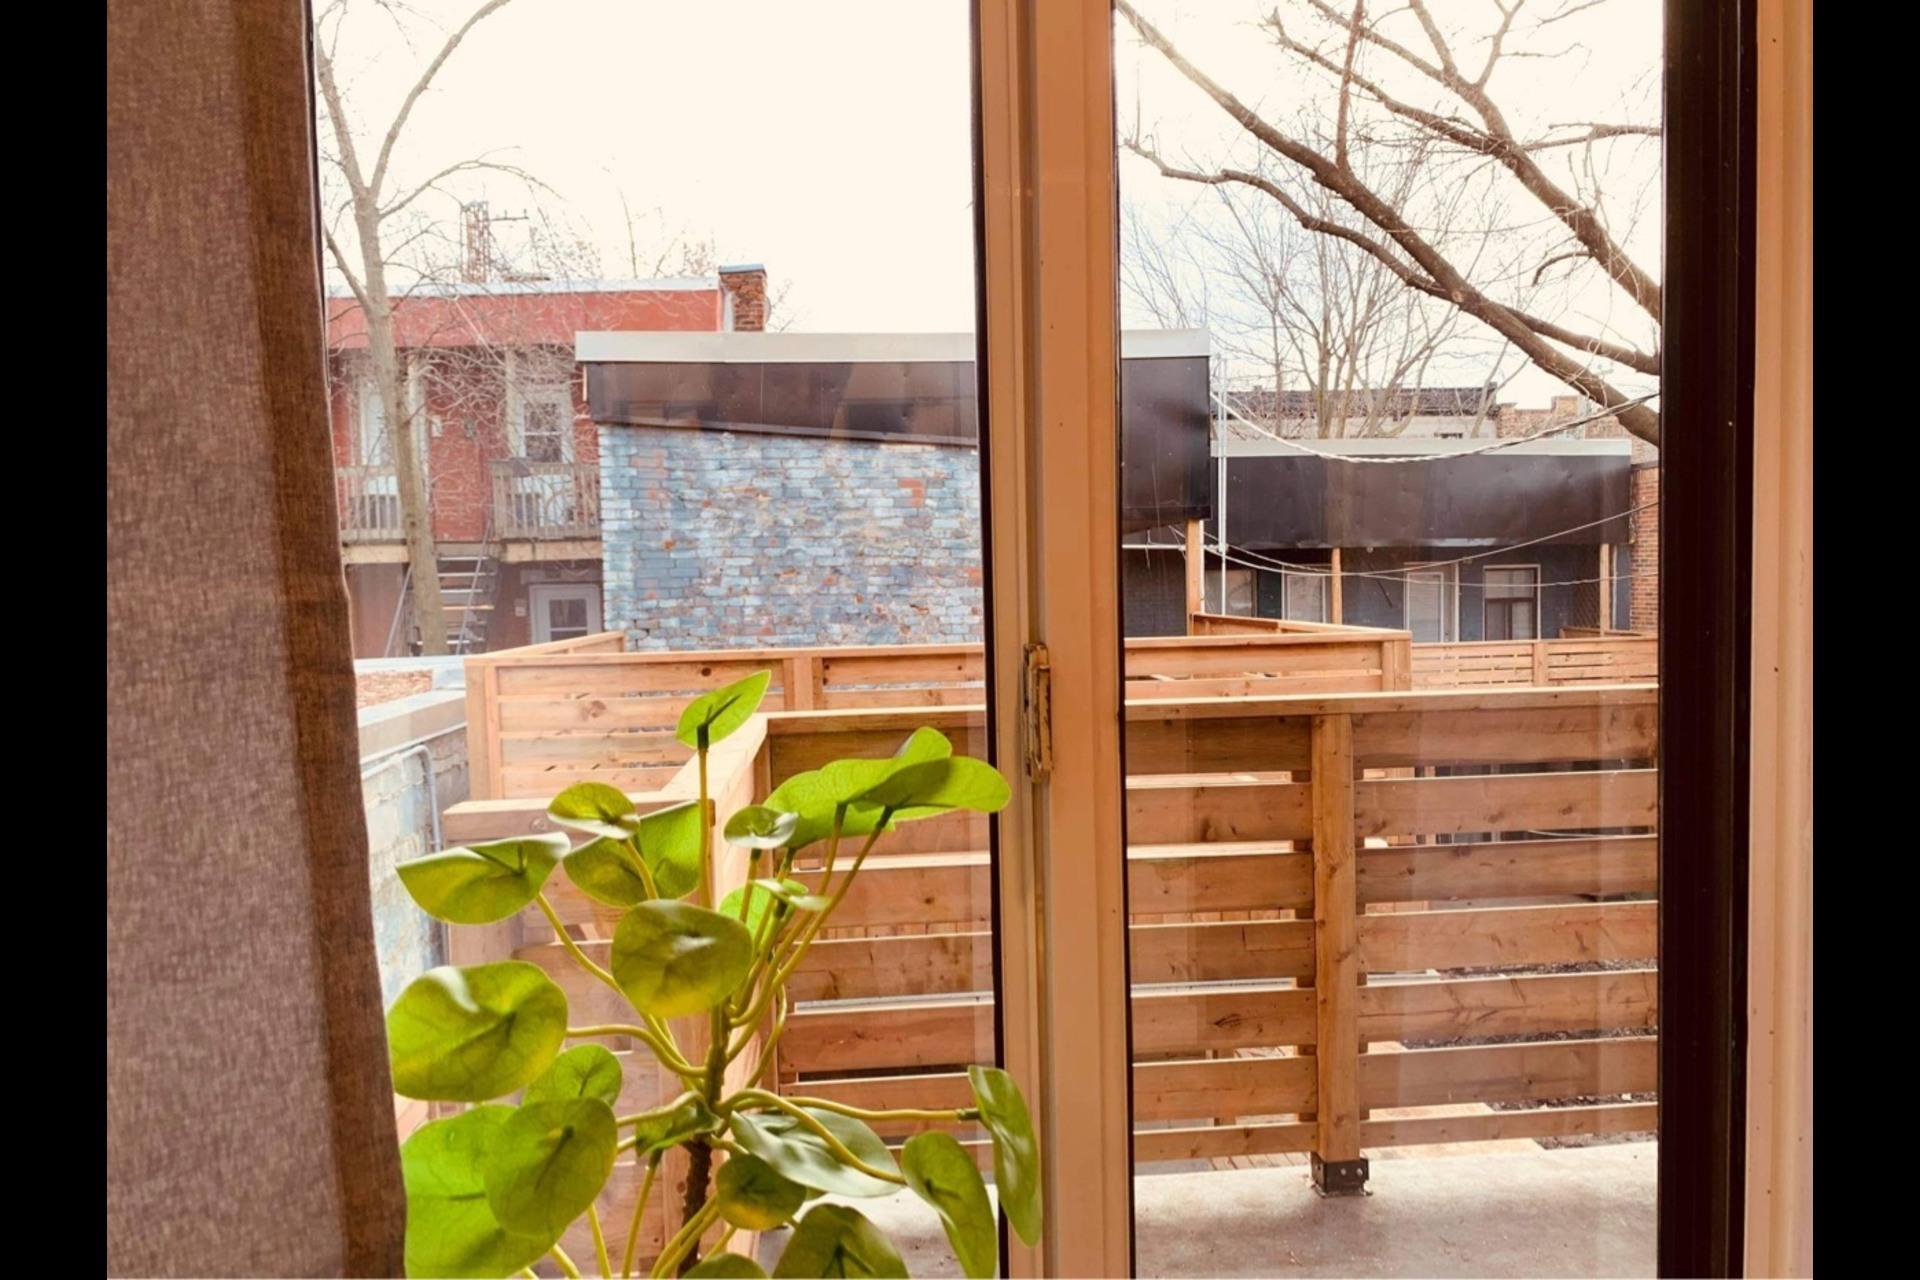 image 5 - Apartment For rent Montréal - 3 rooms